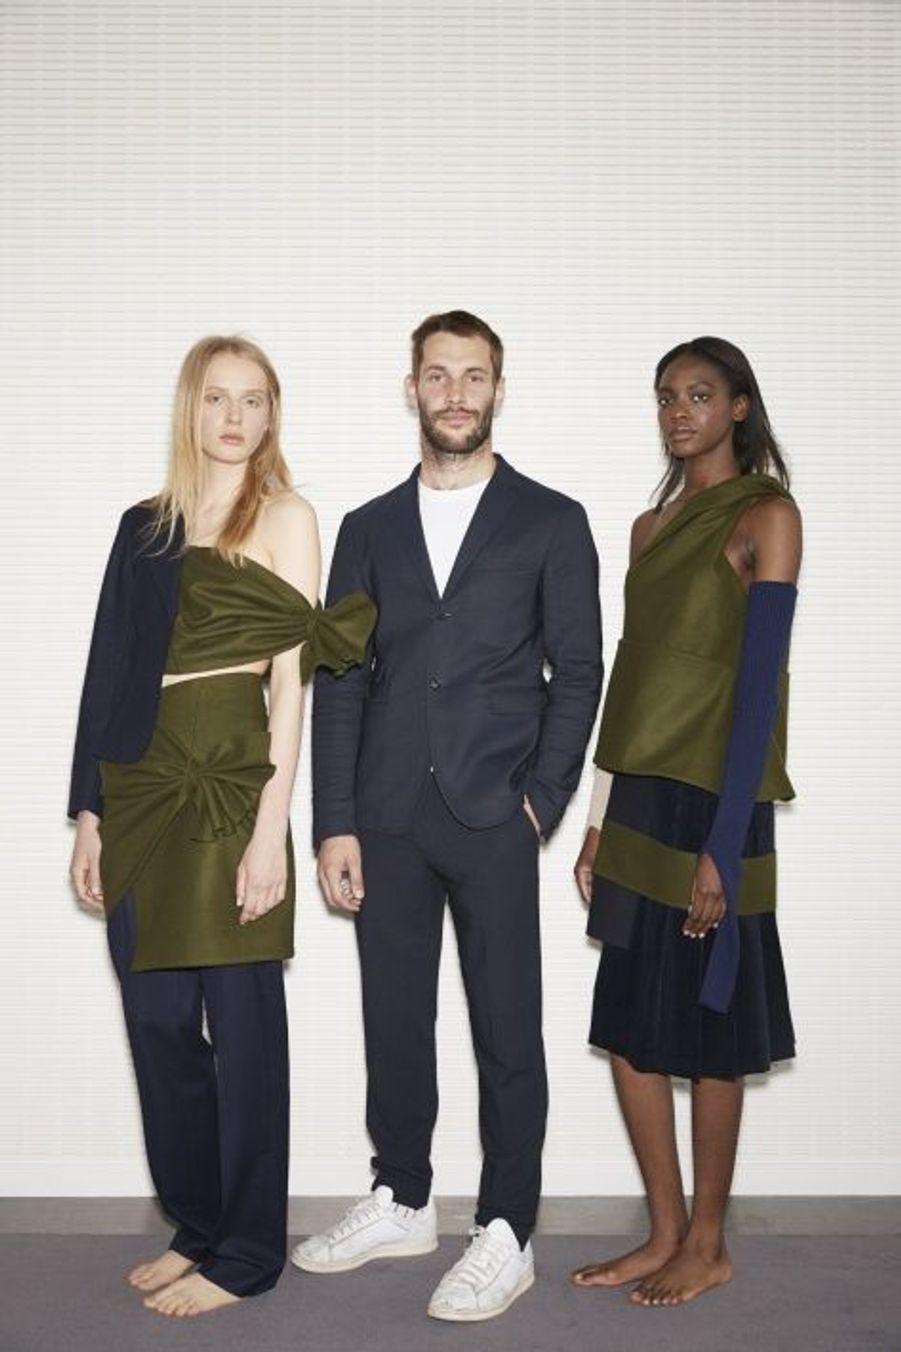 Le Français Simon Porte Jacquemus et ses deux mannequins, Prix spécial du jury.Ils sont les «fashion designers» de demain. Plus de millestylistes, du monde entier, concouraient pour la deuxième édition du prix LVMH. Il n'en est resté que sept pour la finale, le 22 mai, à la Fondation Louis Vuitton. Pour les départager,Delphine Arnault, créatrice de ce concours, avait rassemblé un jury exceptionnel, les neuf directeurs artistiques des plus prestigieuses griffes du groupe.Les gagnants de ce prix décerné par un jury d'exception reçoivent une dotation de 450 000 eurosIls tissent l'air du temps. tous âgés de moins de 40 ans, ils doivent avoir déjà conçu et commercialisé au moins deux collections de prêt-à-porter. Une sévère sélection est efectuée parmi les 26 candidats retenus… Les sept finalistes ont dix minutes pour présenter au jury deux modèles. cette année, les vainqueurs sont les designers portugais installés à Londres Marta Marques et Paulo Almeida. ils remportent 300 000 euros. Le jury a également décidé de récompenser exceptionnellement le Français Simon Porte Jacquemus d'une bourse de 150 000 euros. Les lauréats bénéficieront en outre d'un an de suivi personnalisé par le groupe LVMH.A lire sur ce même sujet: Prix LVMH, les grands de demain